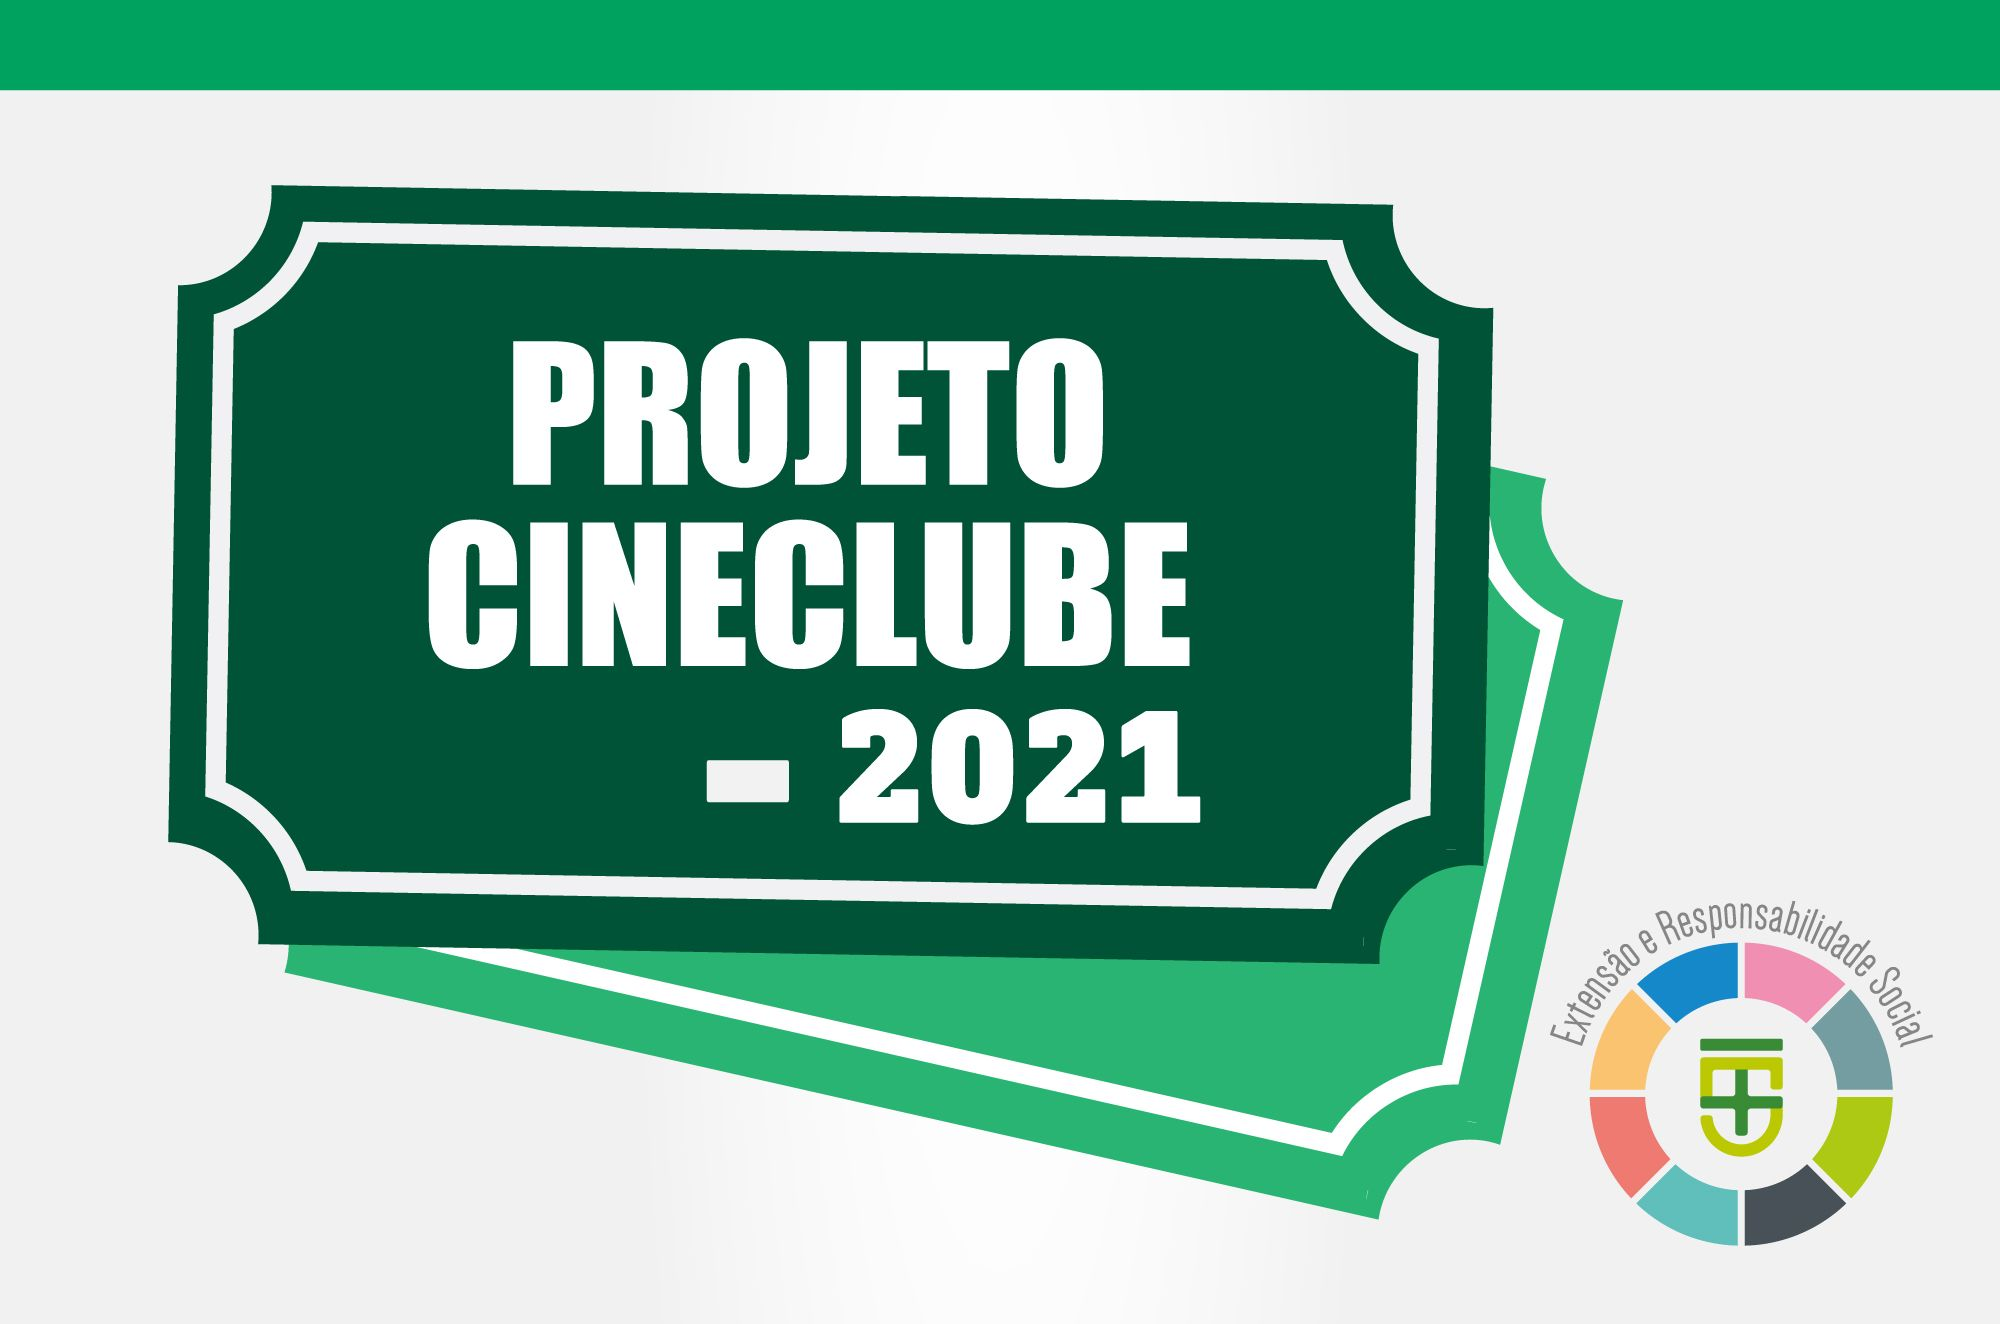 PROJETO DE EXTENSÃO CINECLUBE 2021 - RESULTADO FINAL